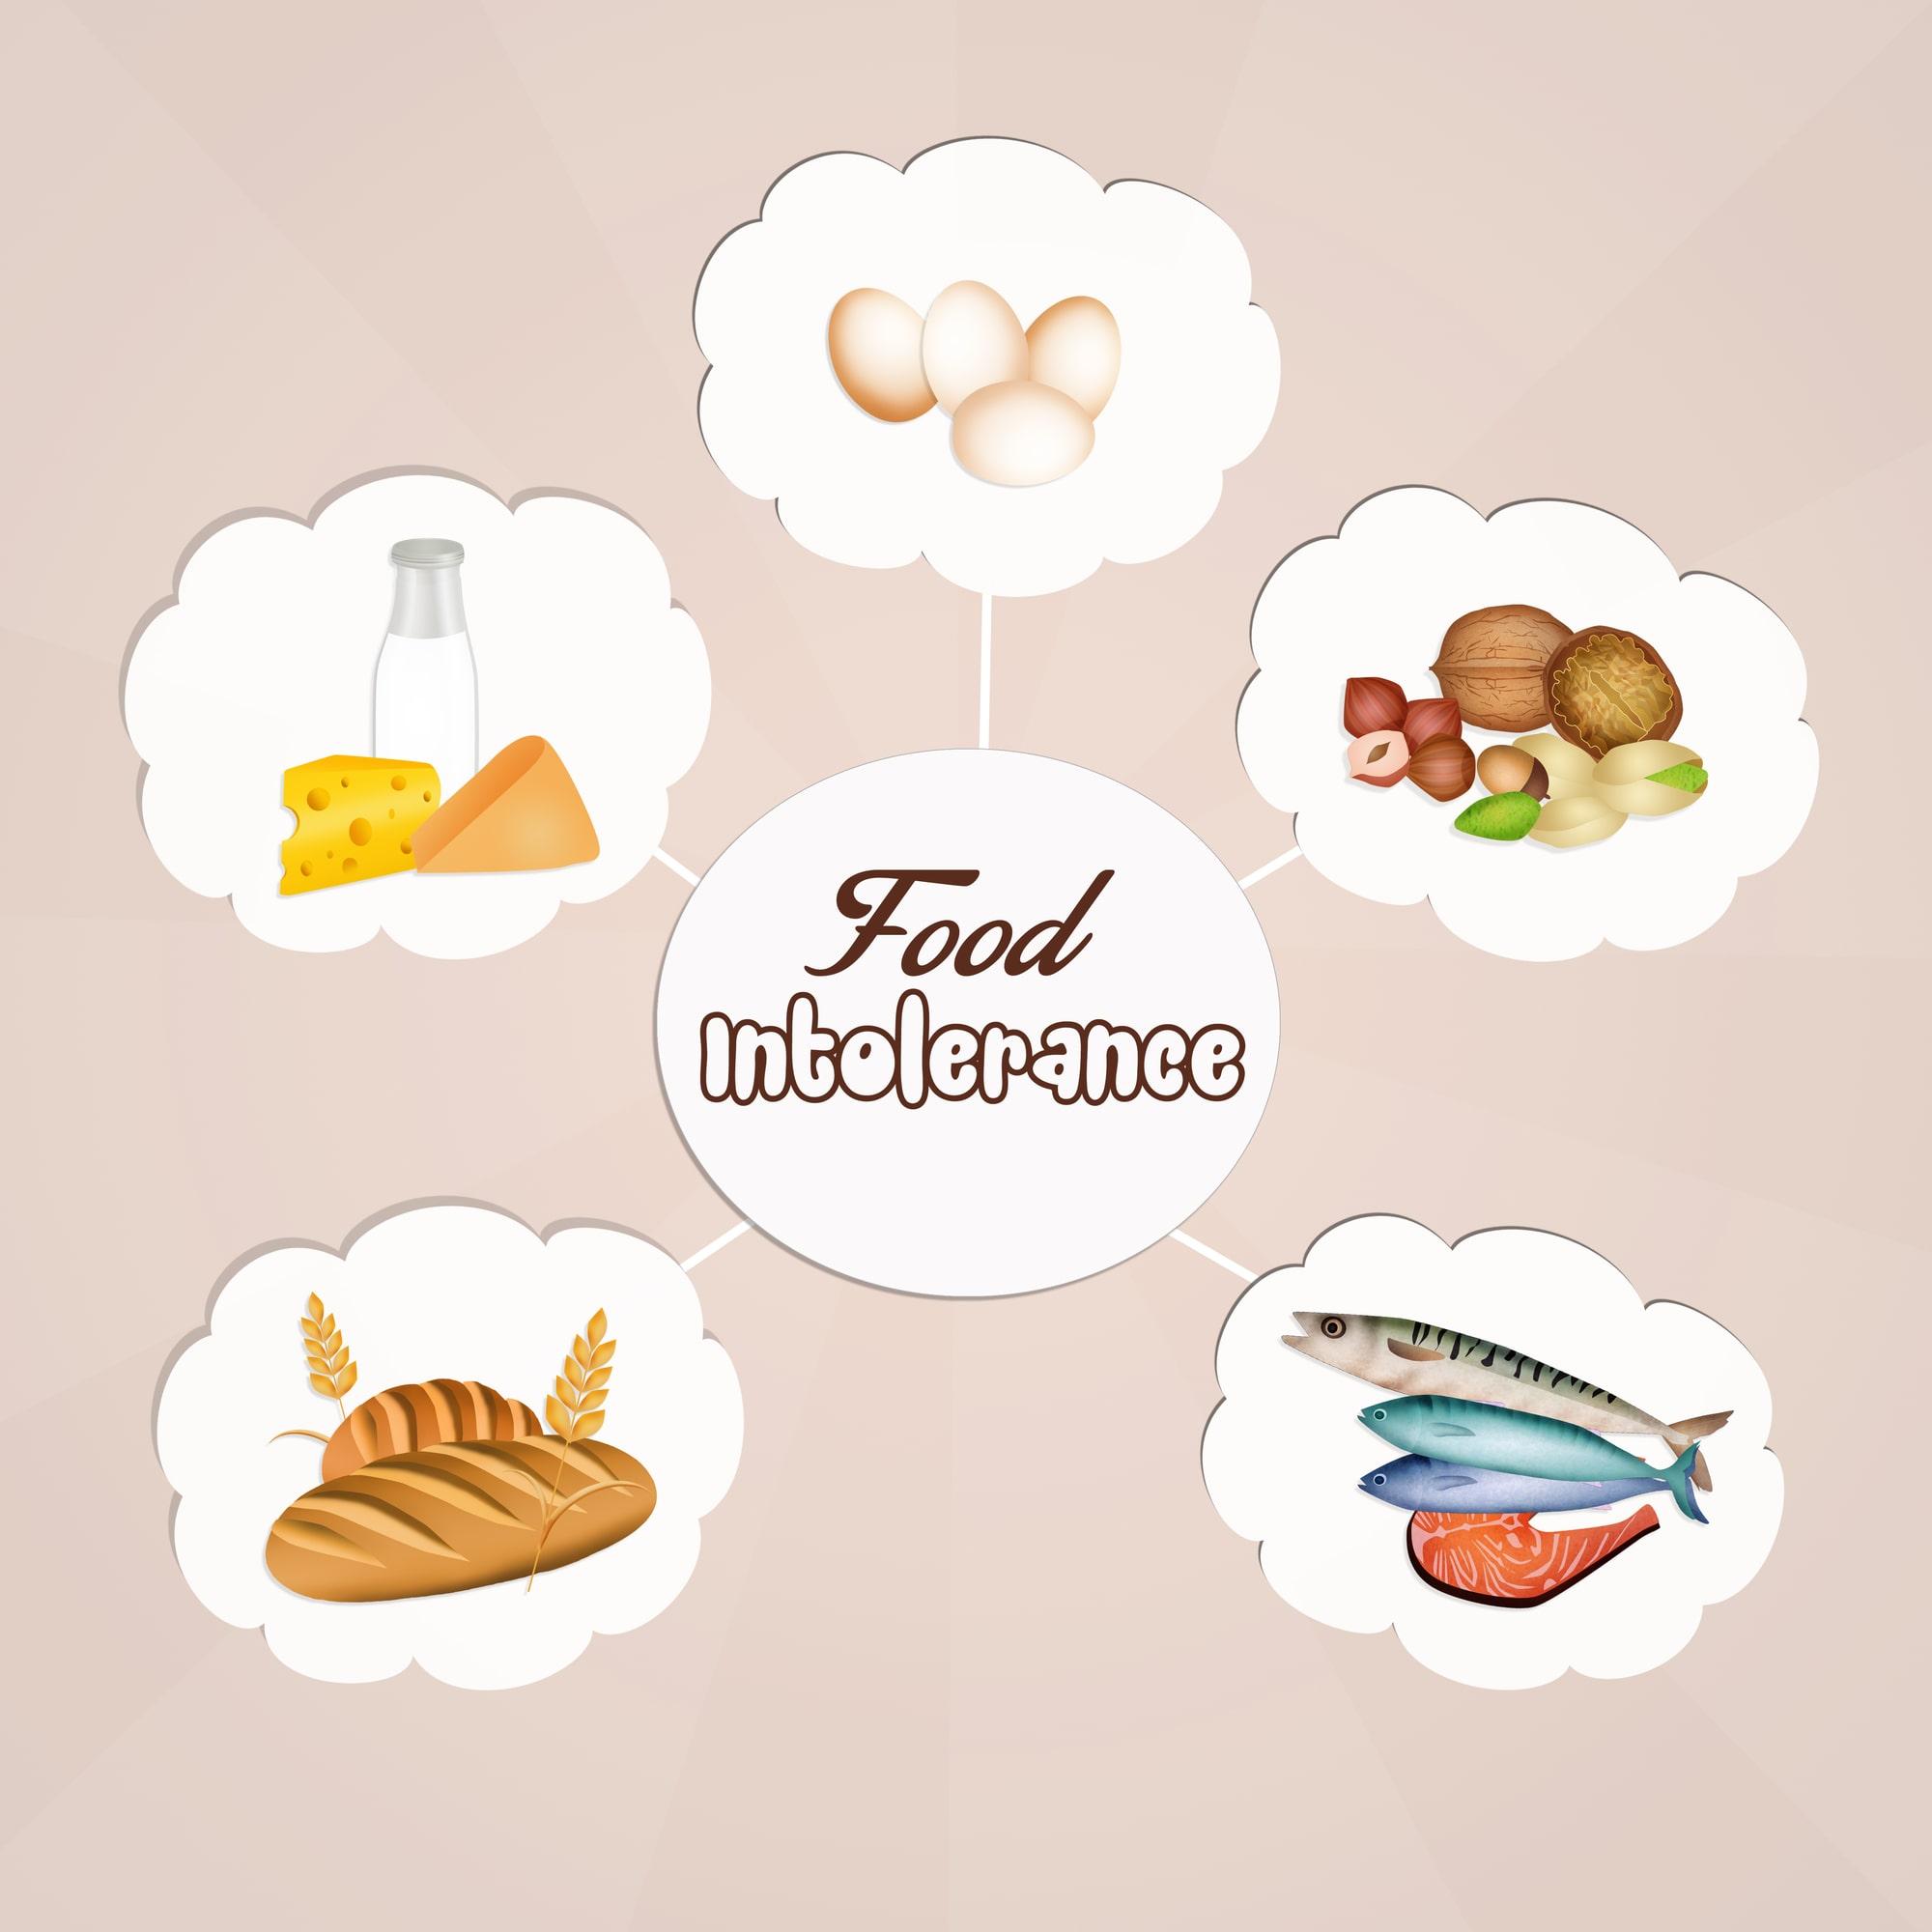 Narungsmittelunverträglichkeit und Allergie; Unverträglichkeit